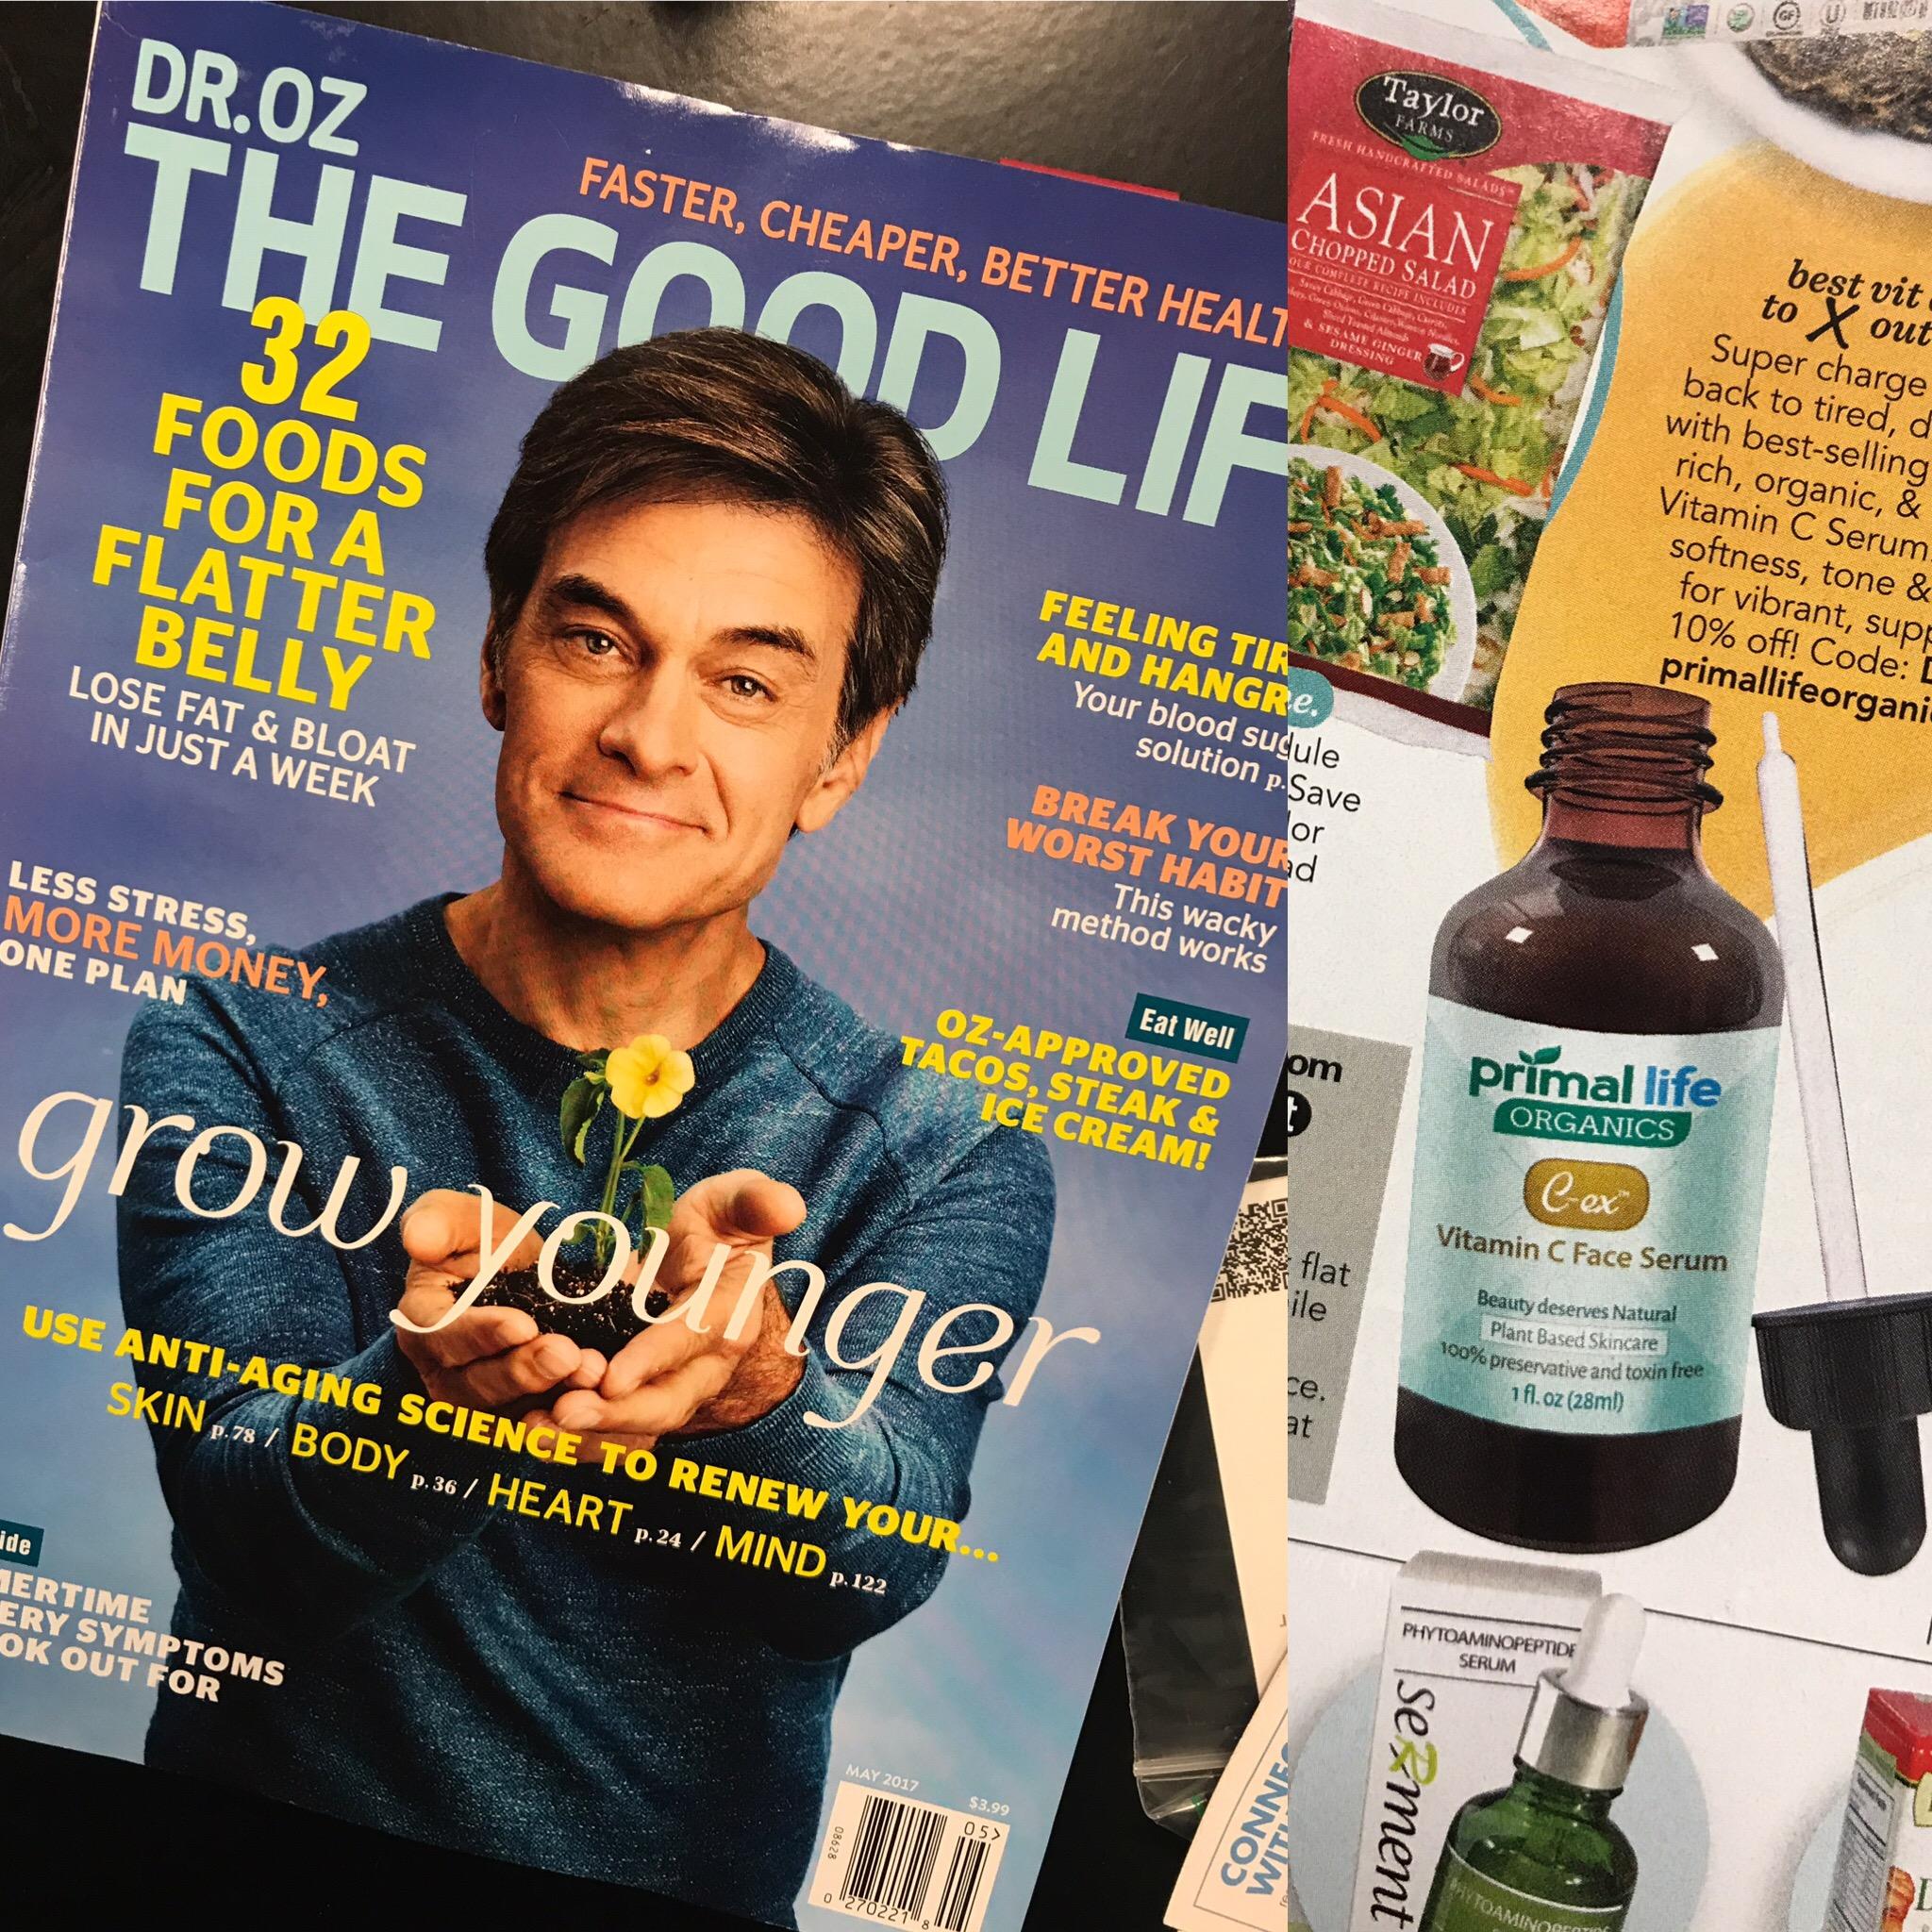 C-ex Vitamin C Serum in 'Dr. Oz The Good Life'